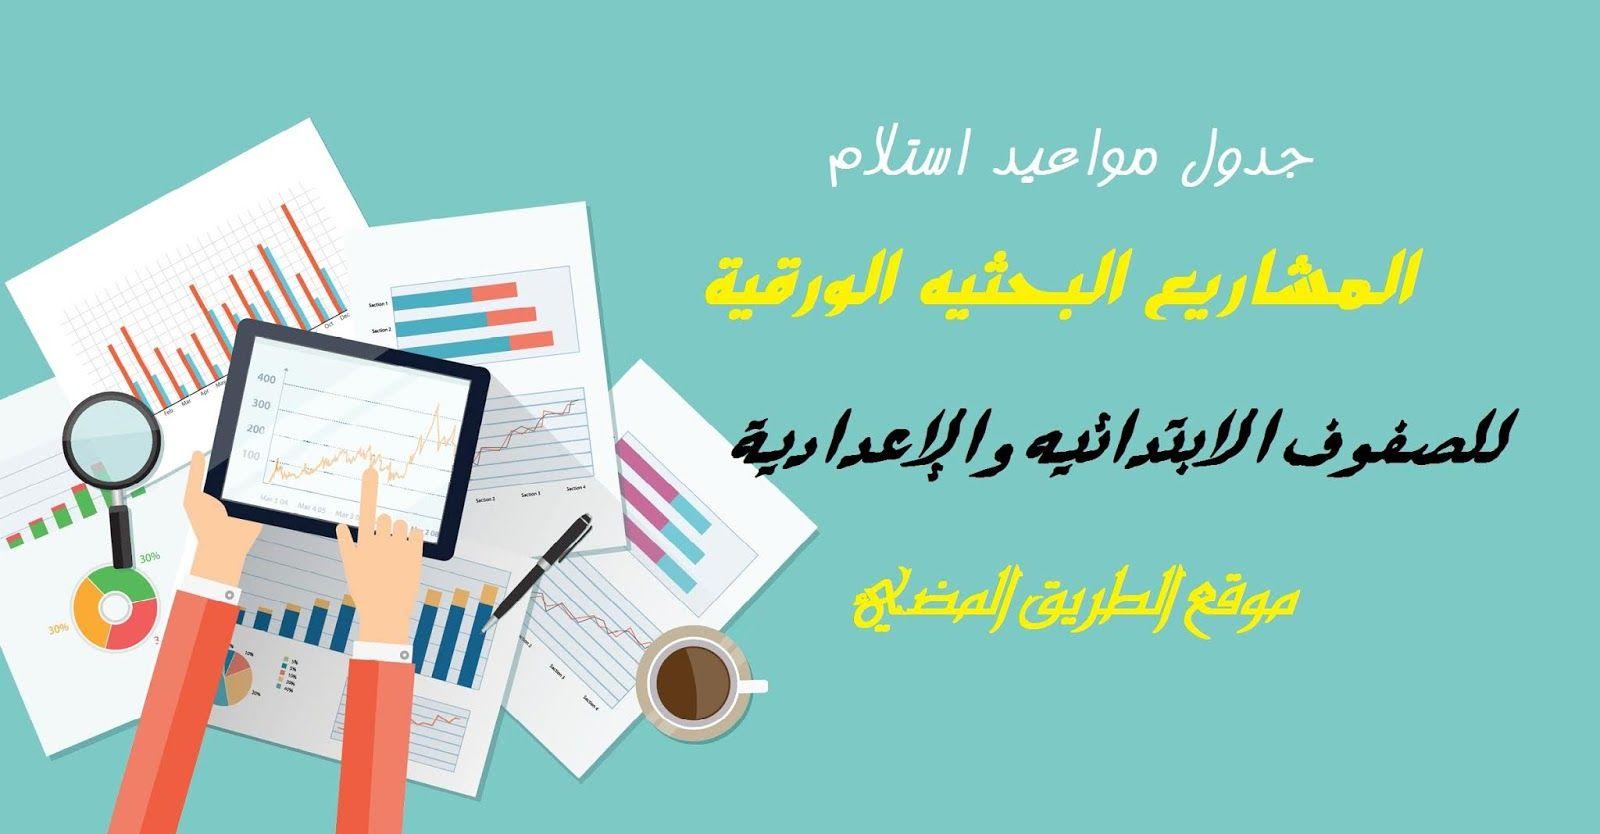 جدول مواعيد استلام المشاريع البحثيه الورقية للصفوف الابتدائيه والإعدادية